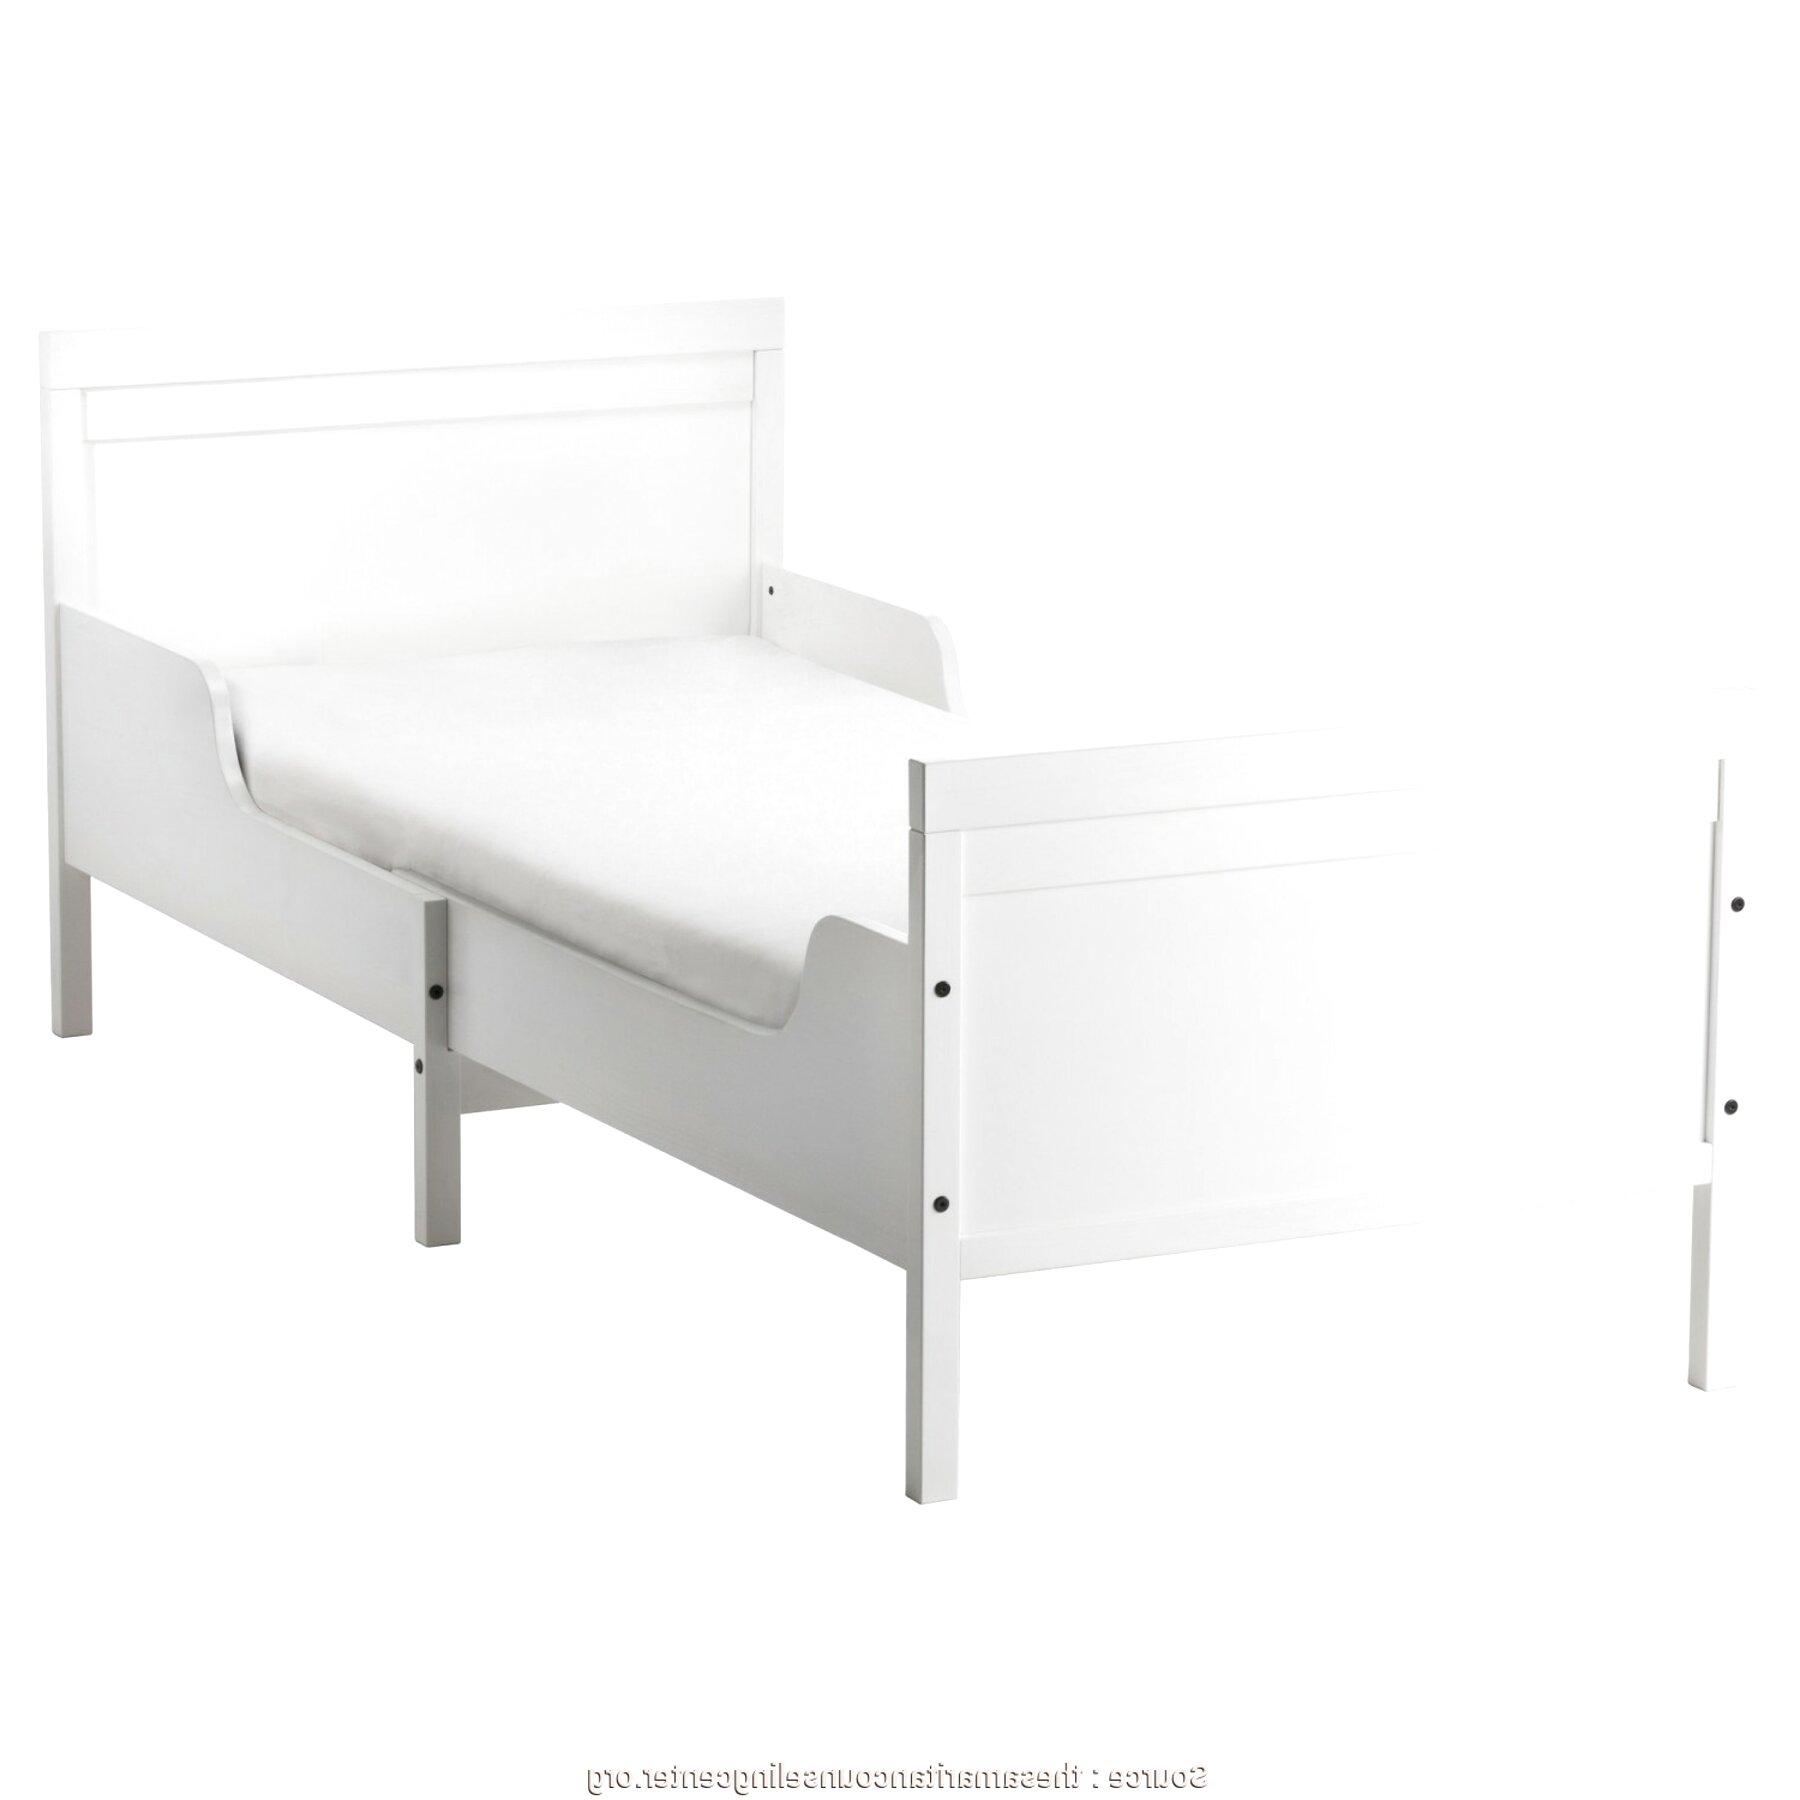 Divano Letto Ikea Exarby.Divano Letto Ikea Bologna Usato In Italia Vedi Tutte I 19 Prezzi